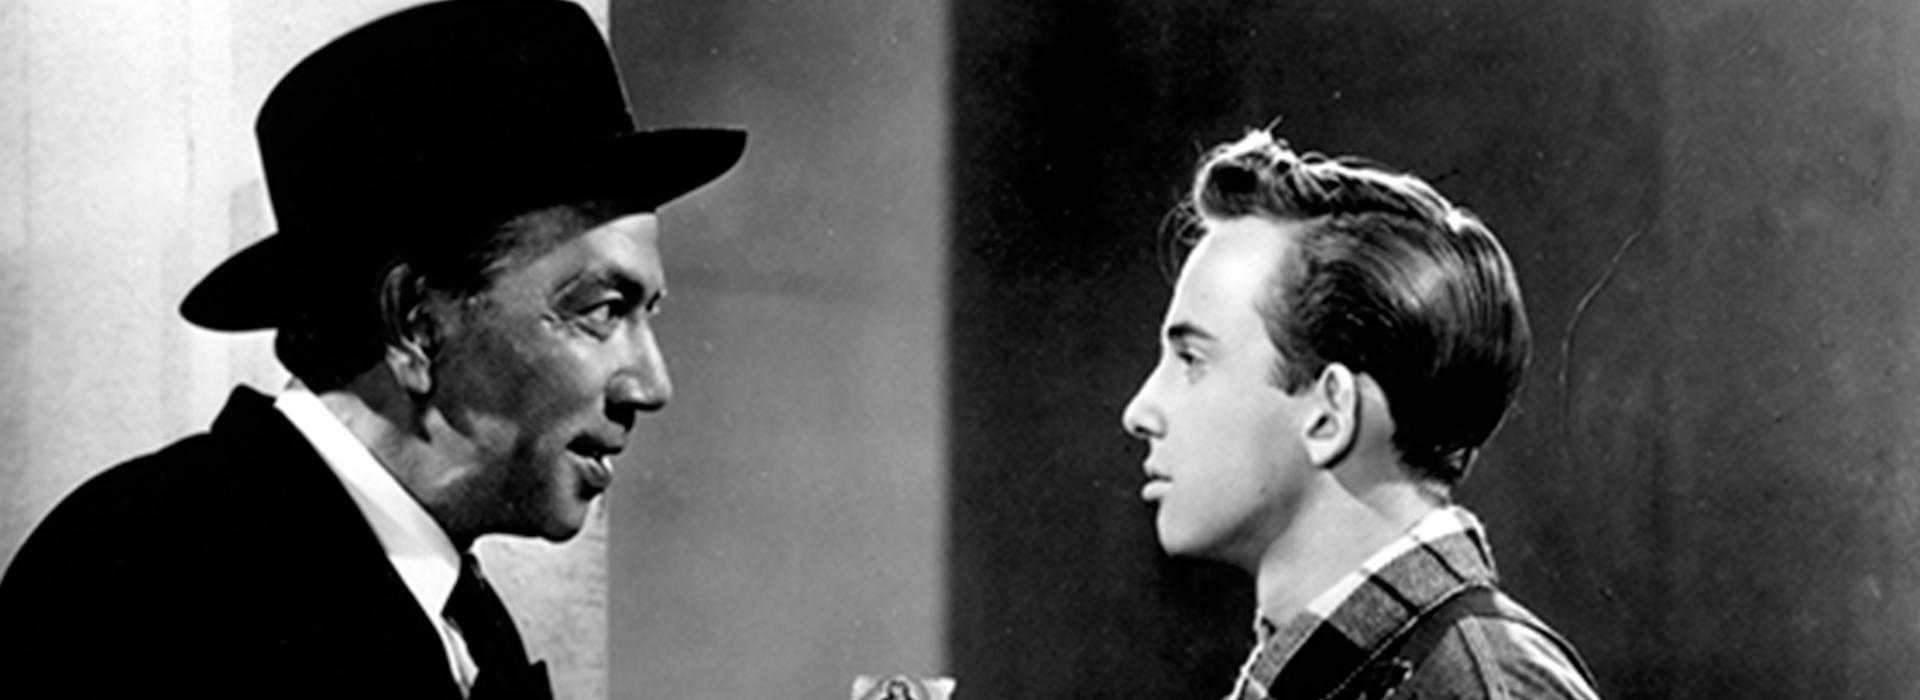 10 peores villanos del cine mexicano